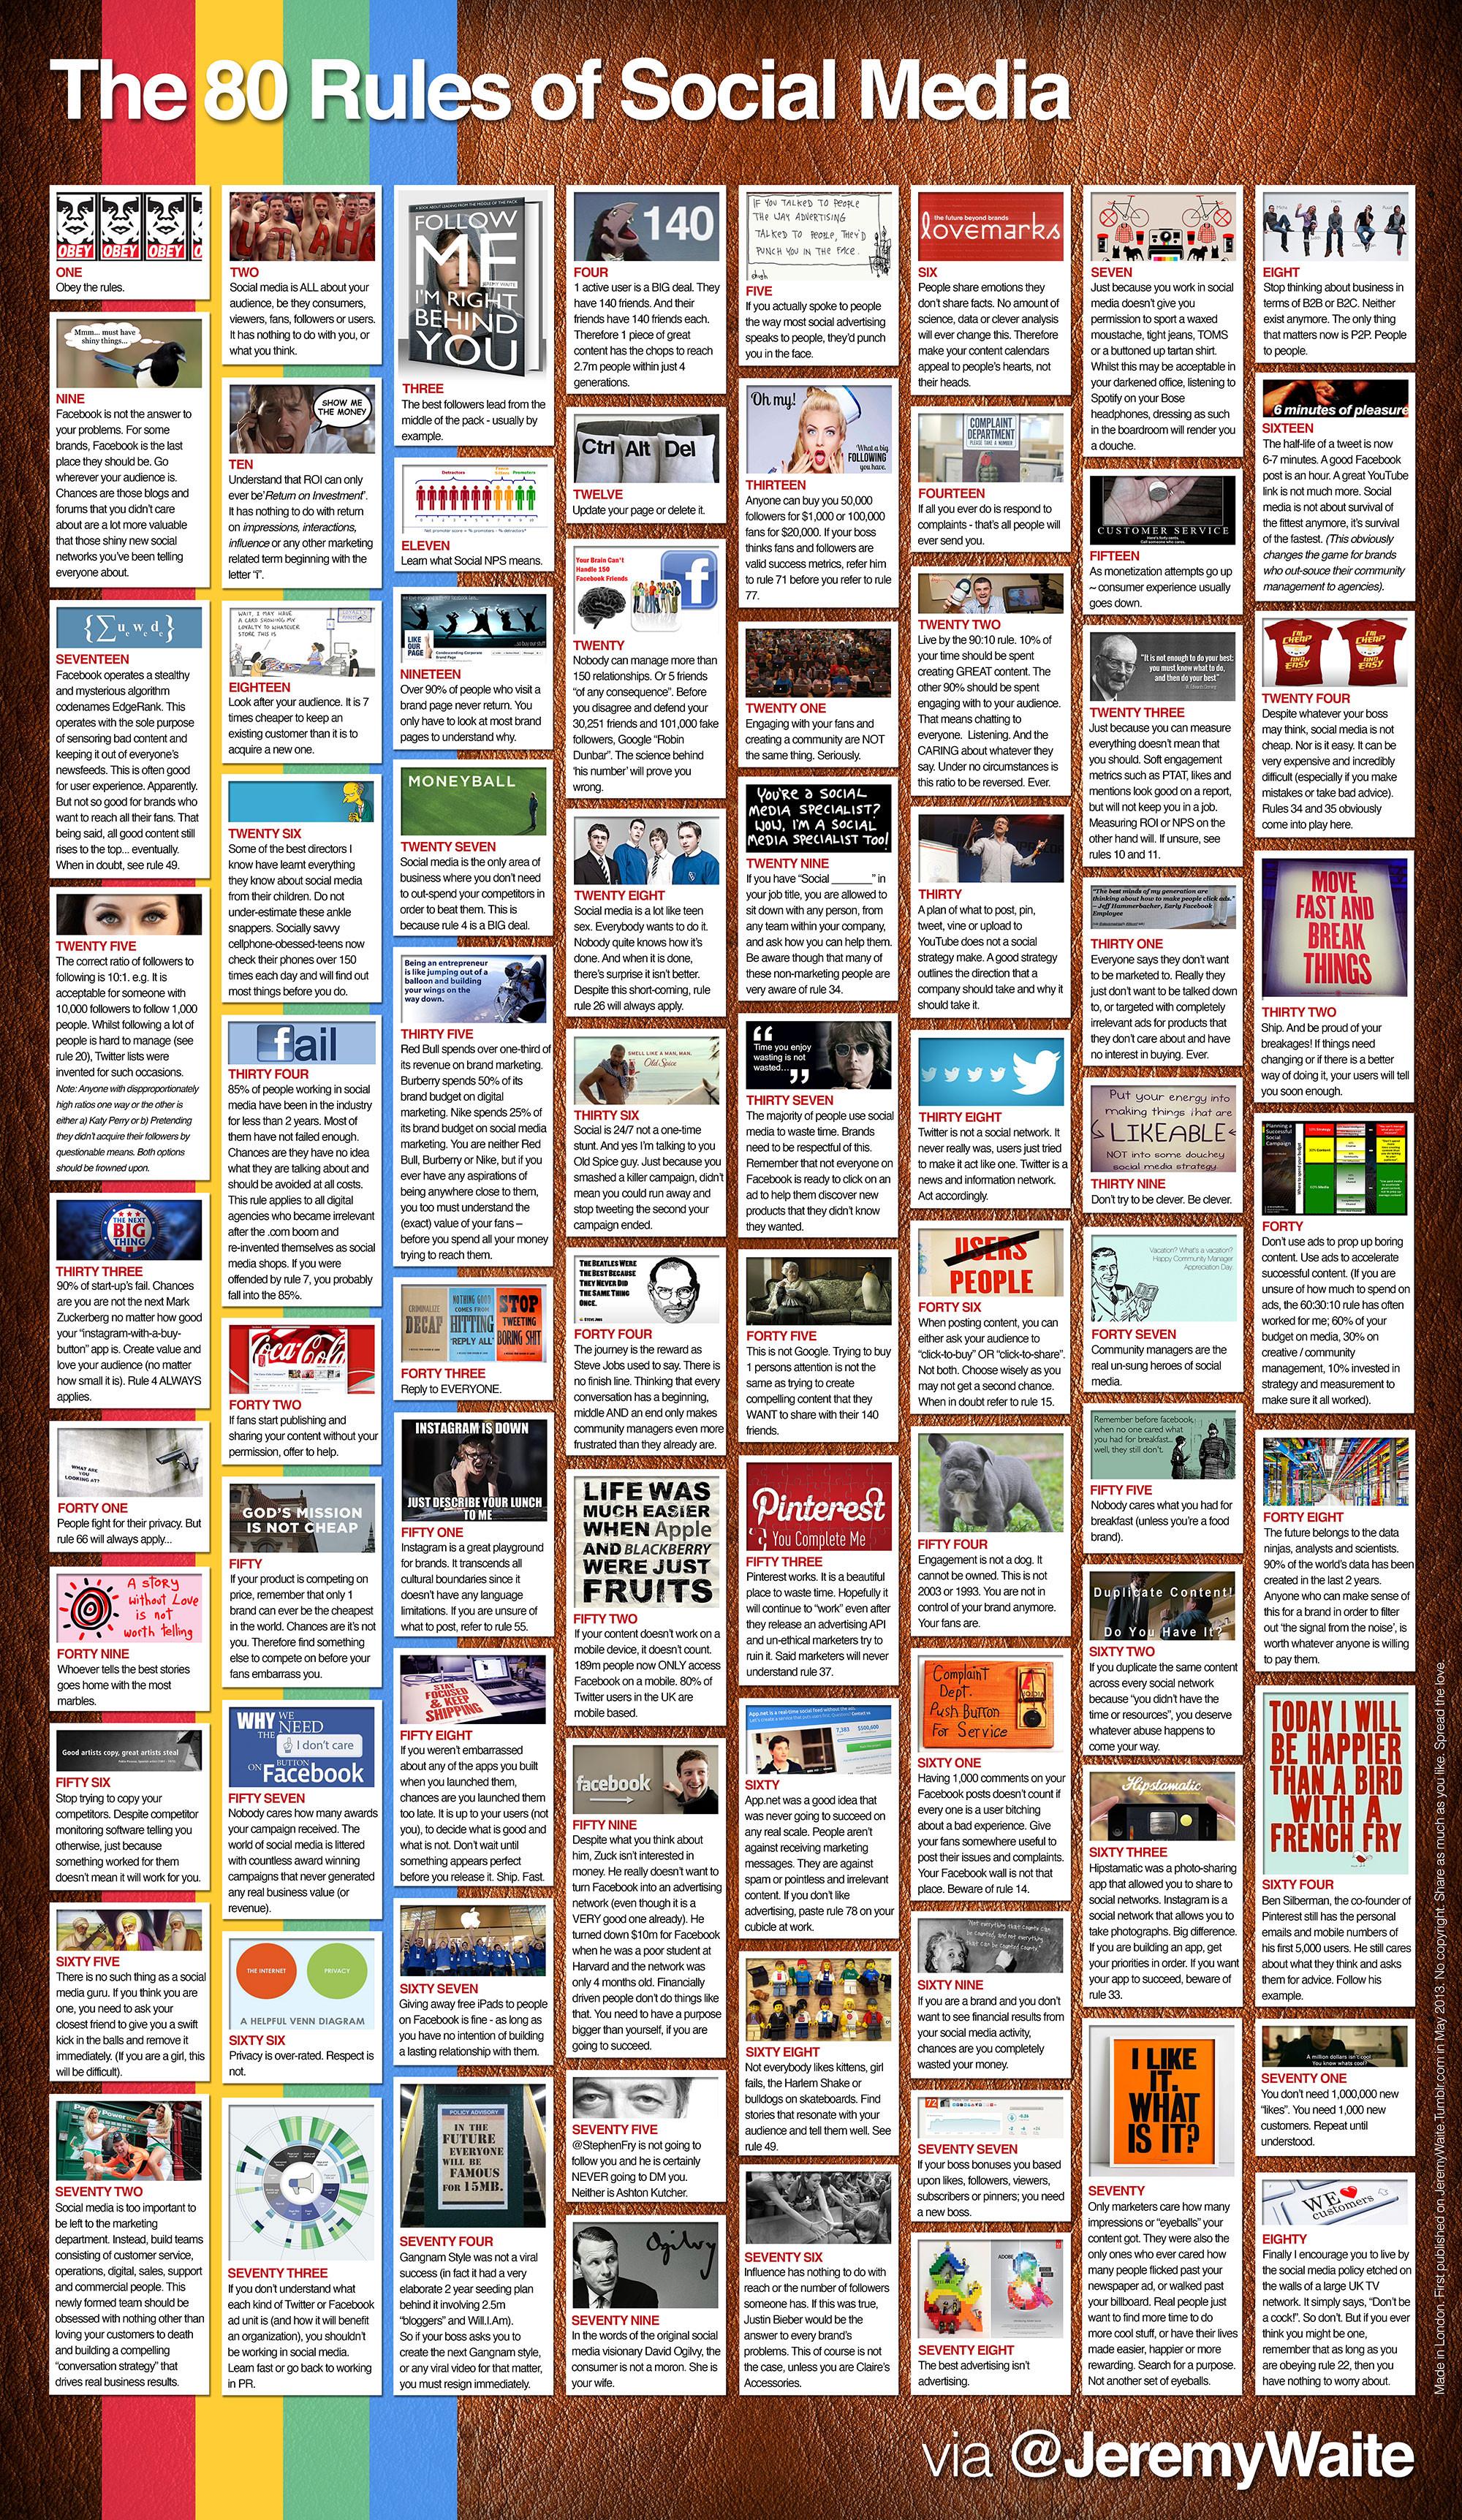 the-80-rules-of-social-media.jpg